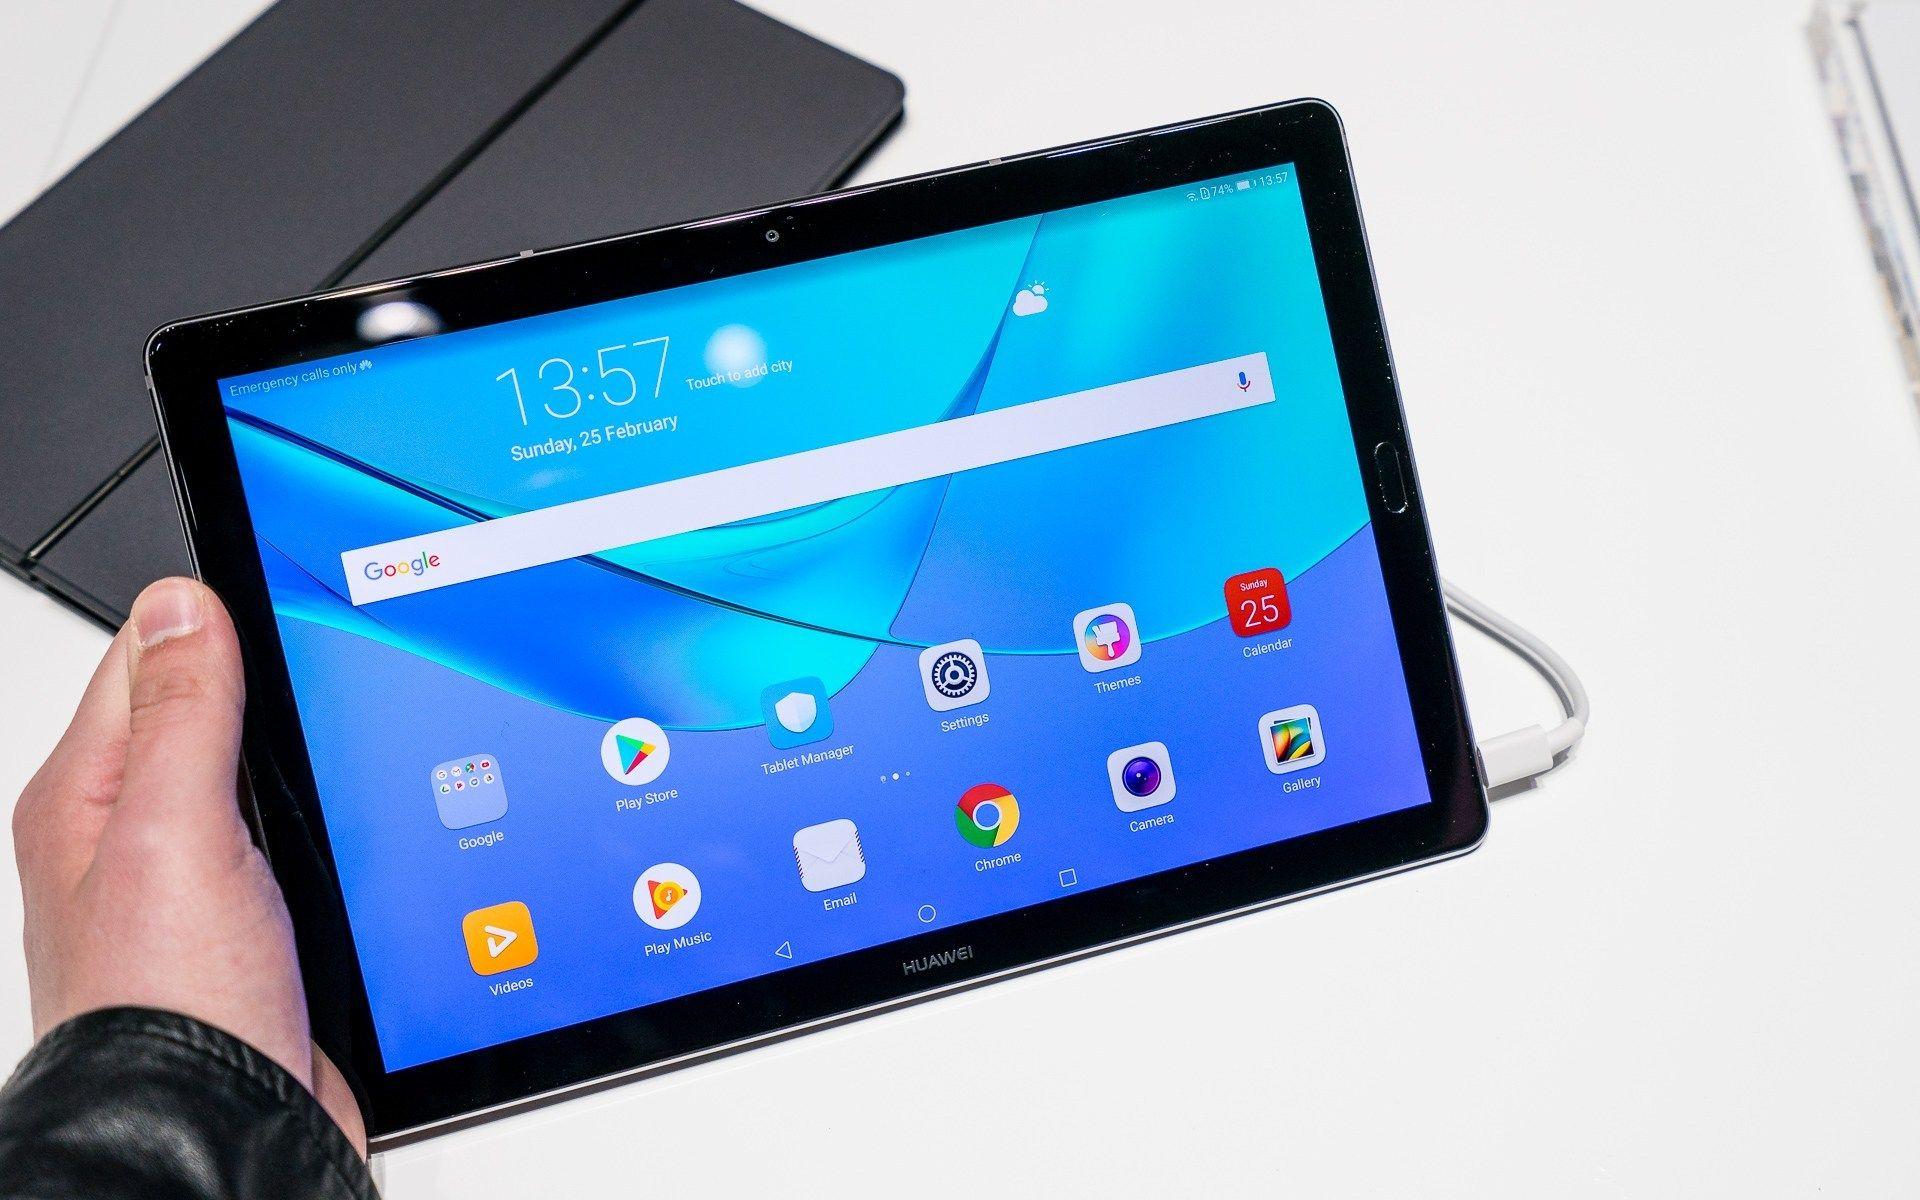 Harga Dan Spesifikasi Huawei Mediapad M5 10 Pro Terbaru Dan Terlengkap